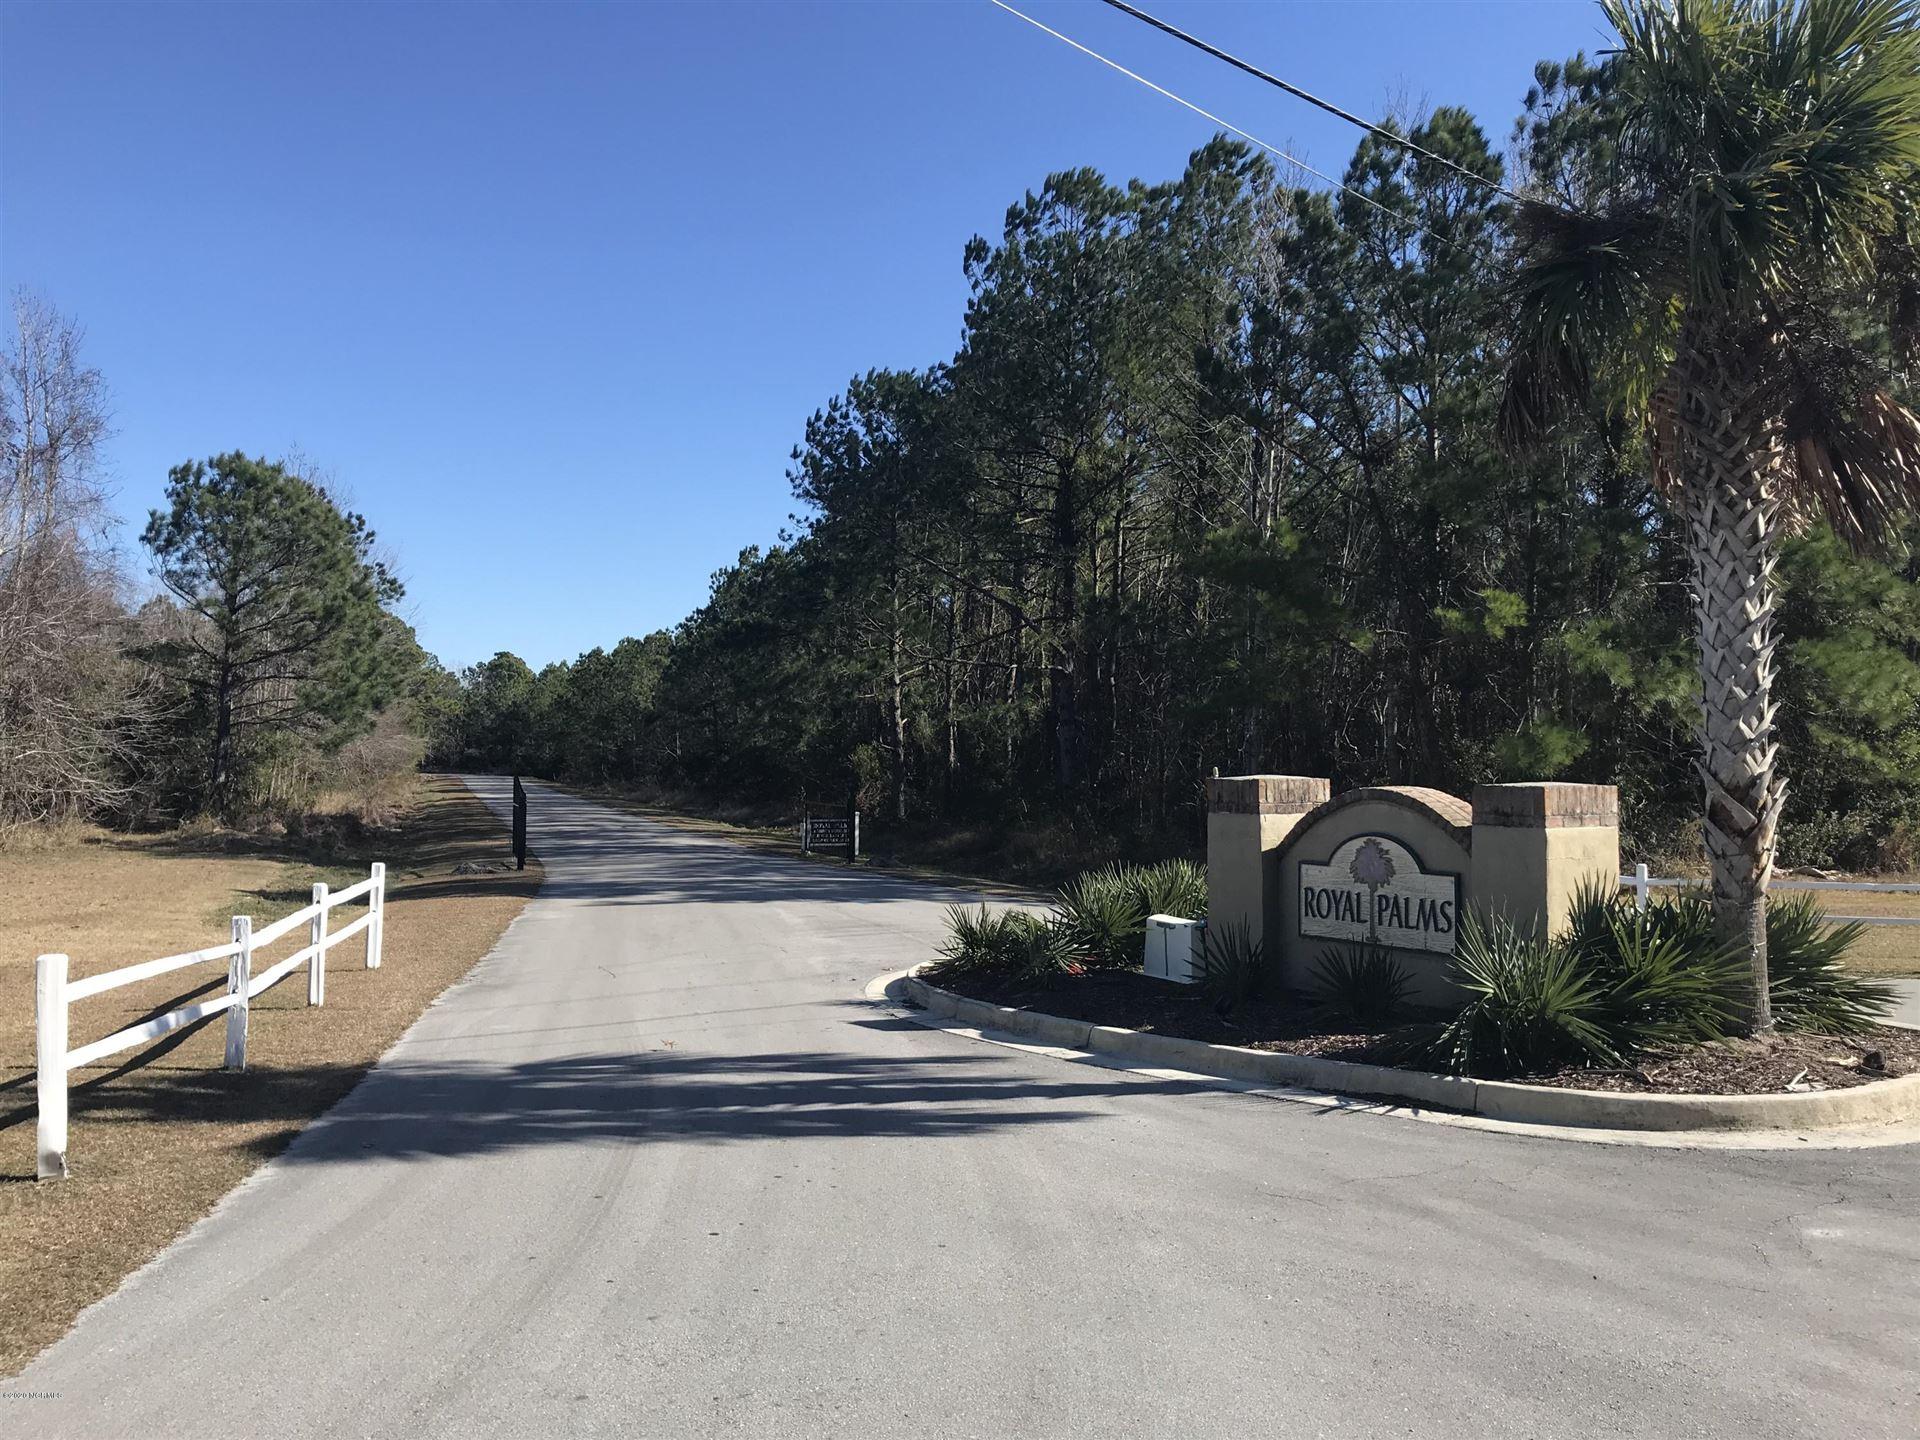 Photo of 206 Royal Palms Way, Holly Ridge, NC 28445 (MLS # 100200954)